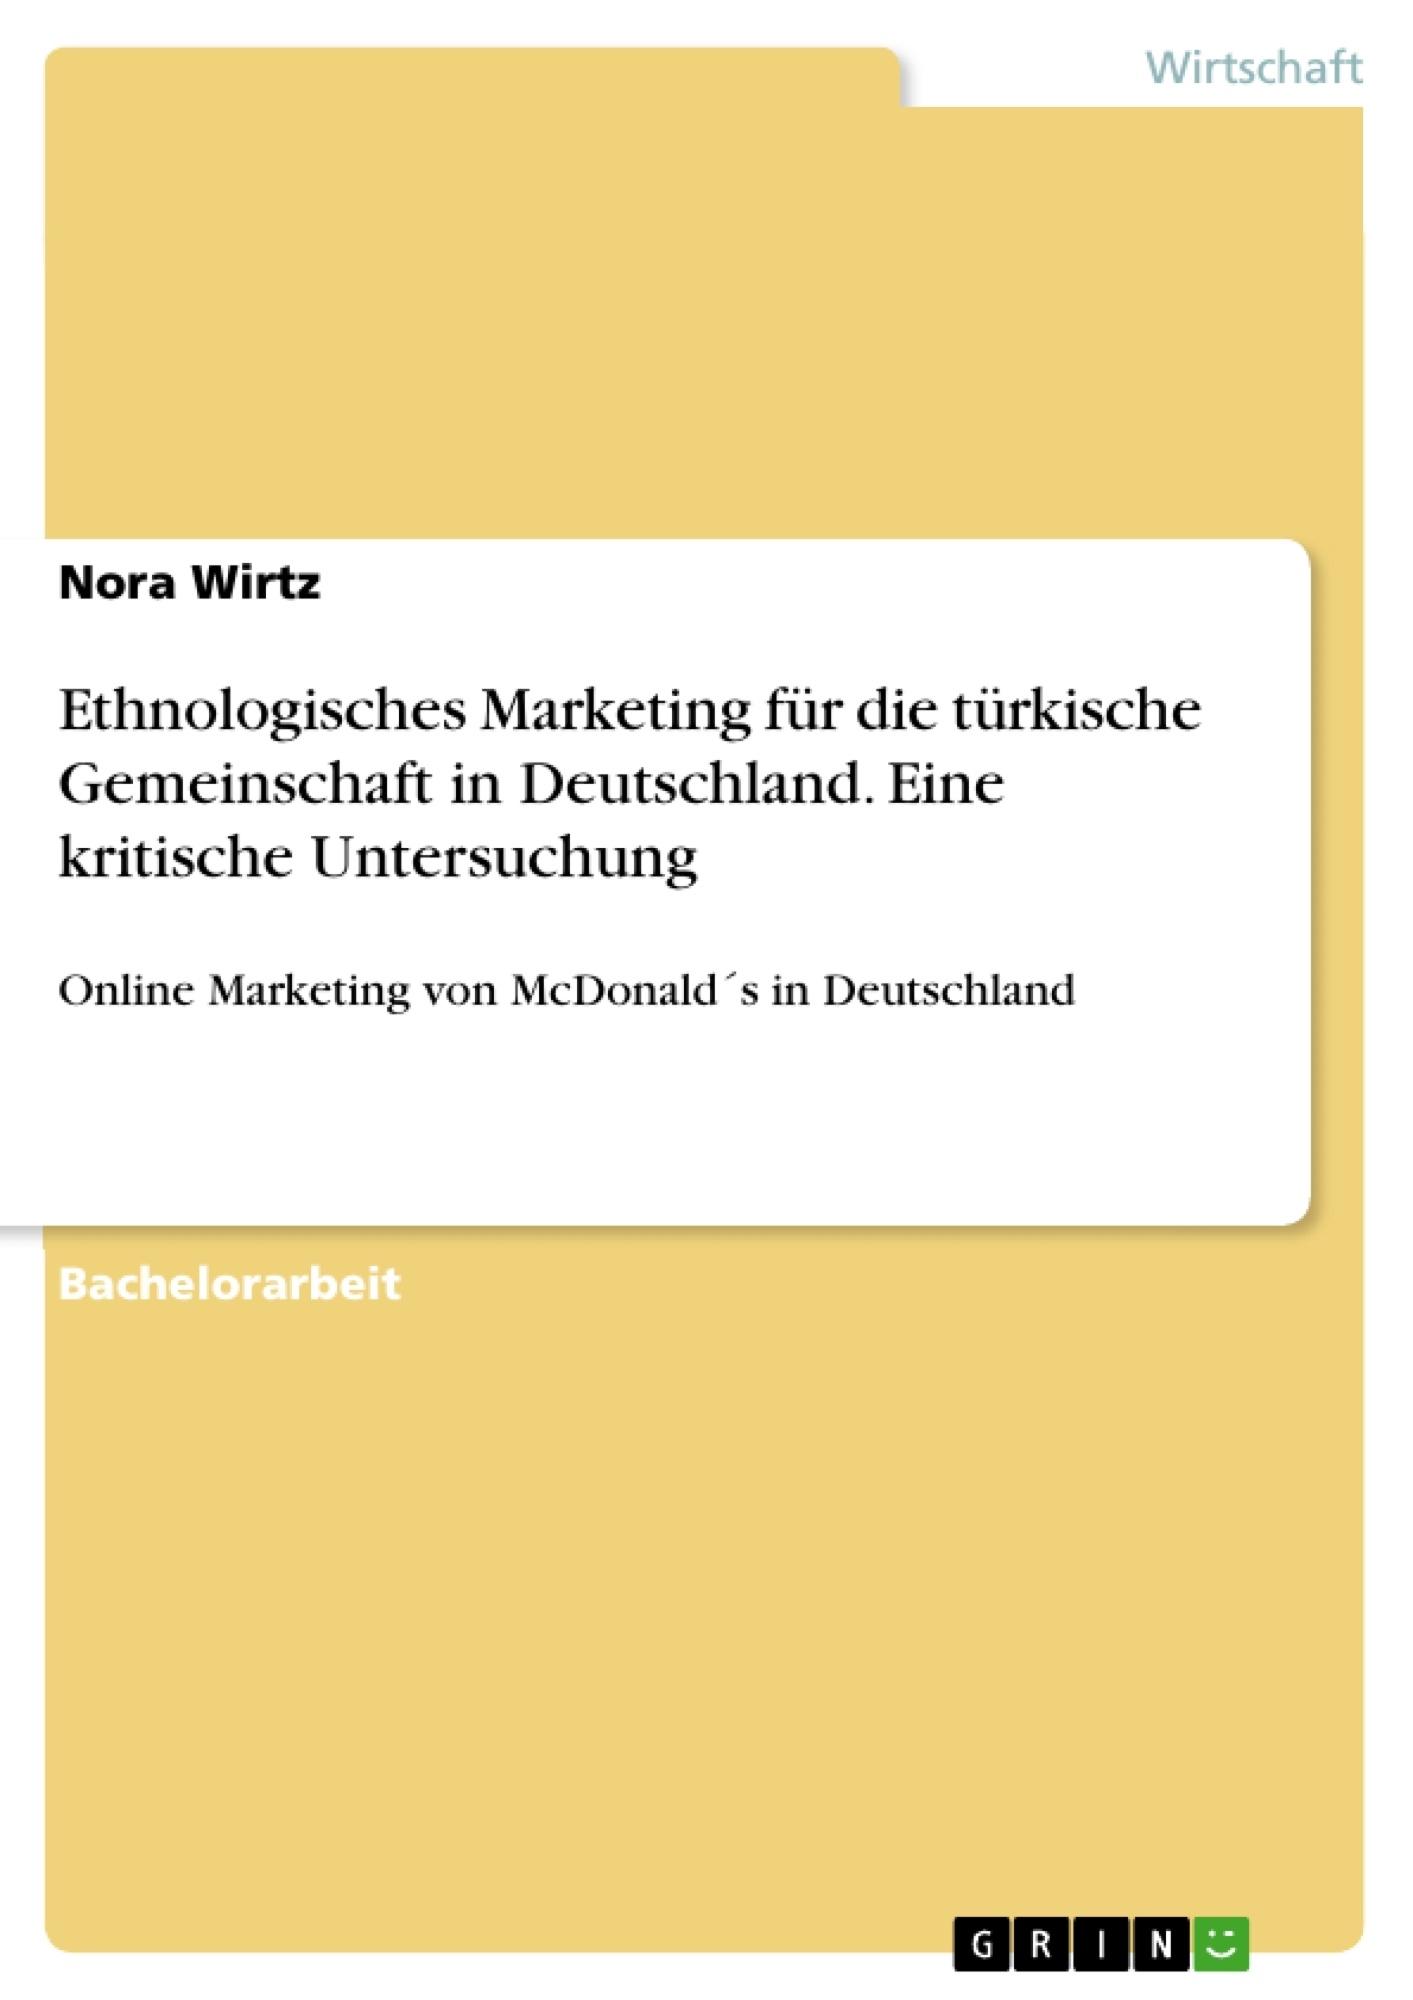 Titel: Ethnologisches Marketing für die türkische Gemeinschaft in Deutschland. Eine kritische Untersuchung